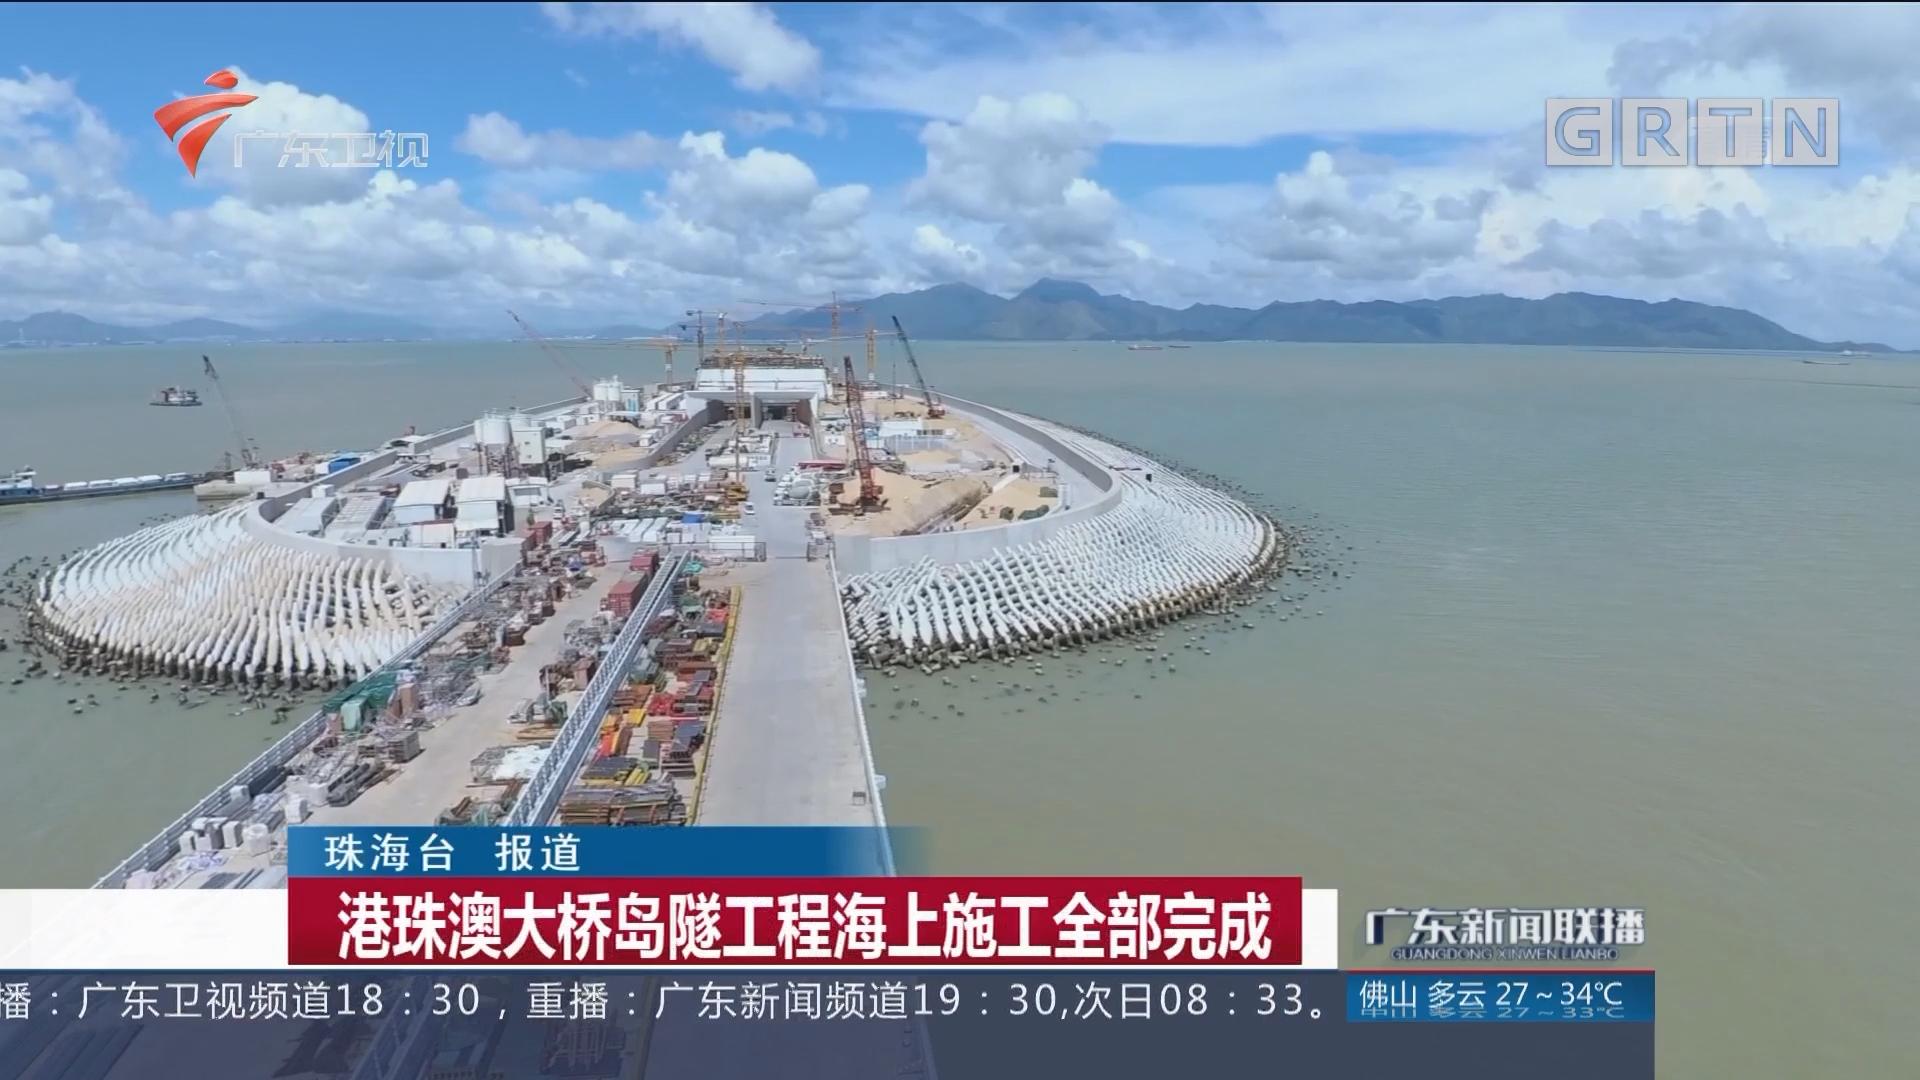 港珠澳大桥岛隧工程海上施工全部完成